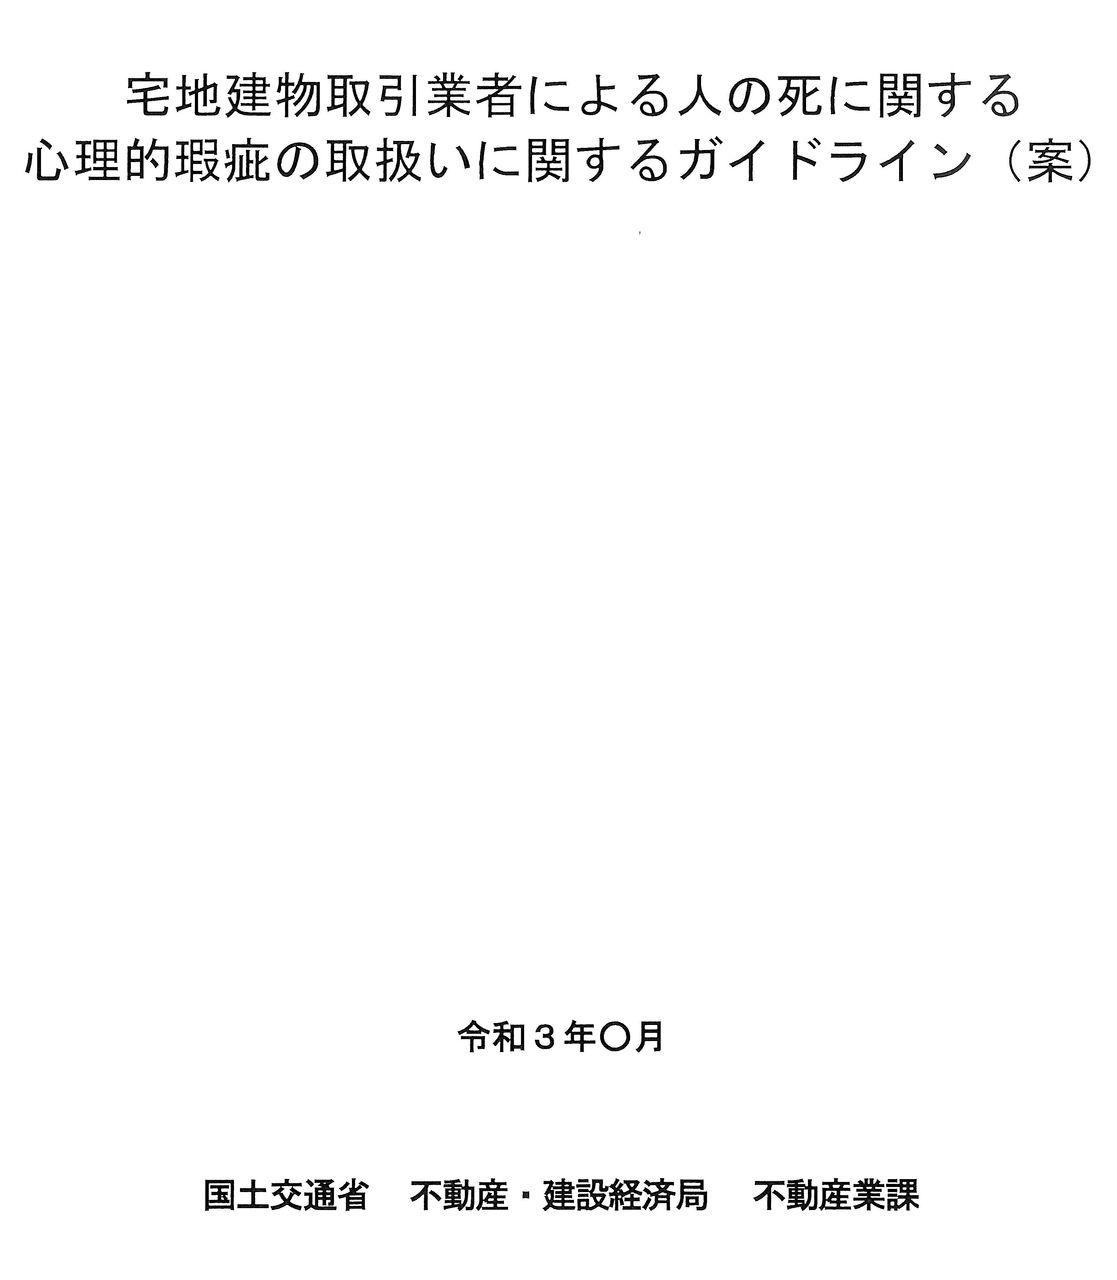 国交省が心理的瑕疵の取扱いに関するガイドライン(案)を発表!!